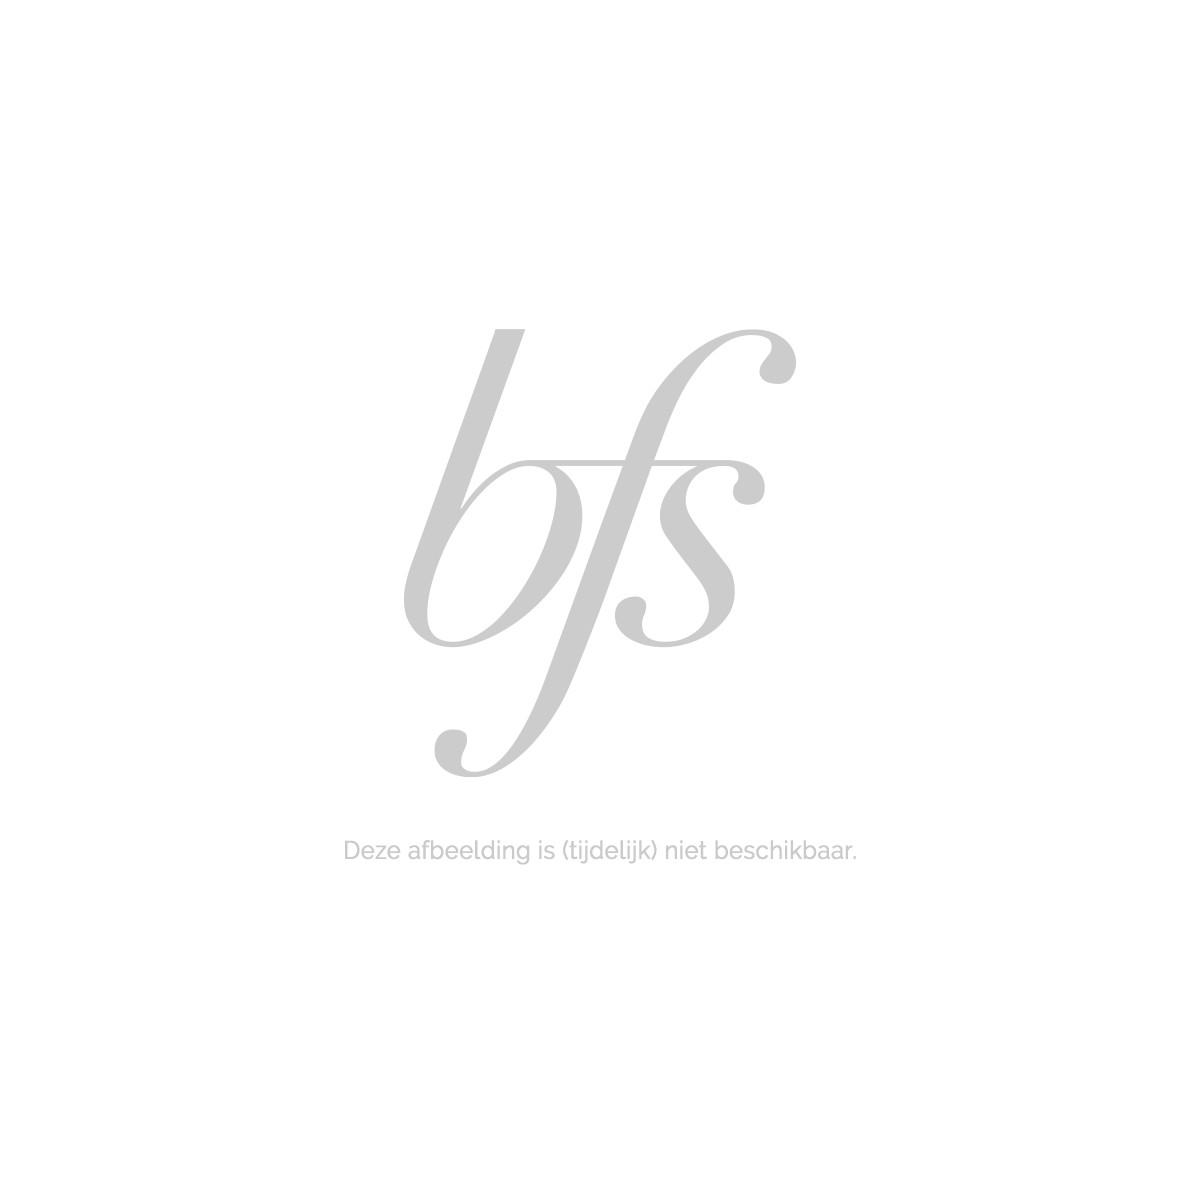 Bourjois Dissolvant-Nail Polish Remover Dissolvant Madame Est Servie